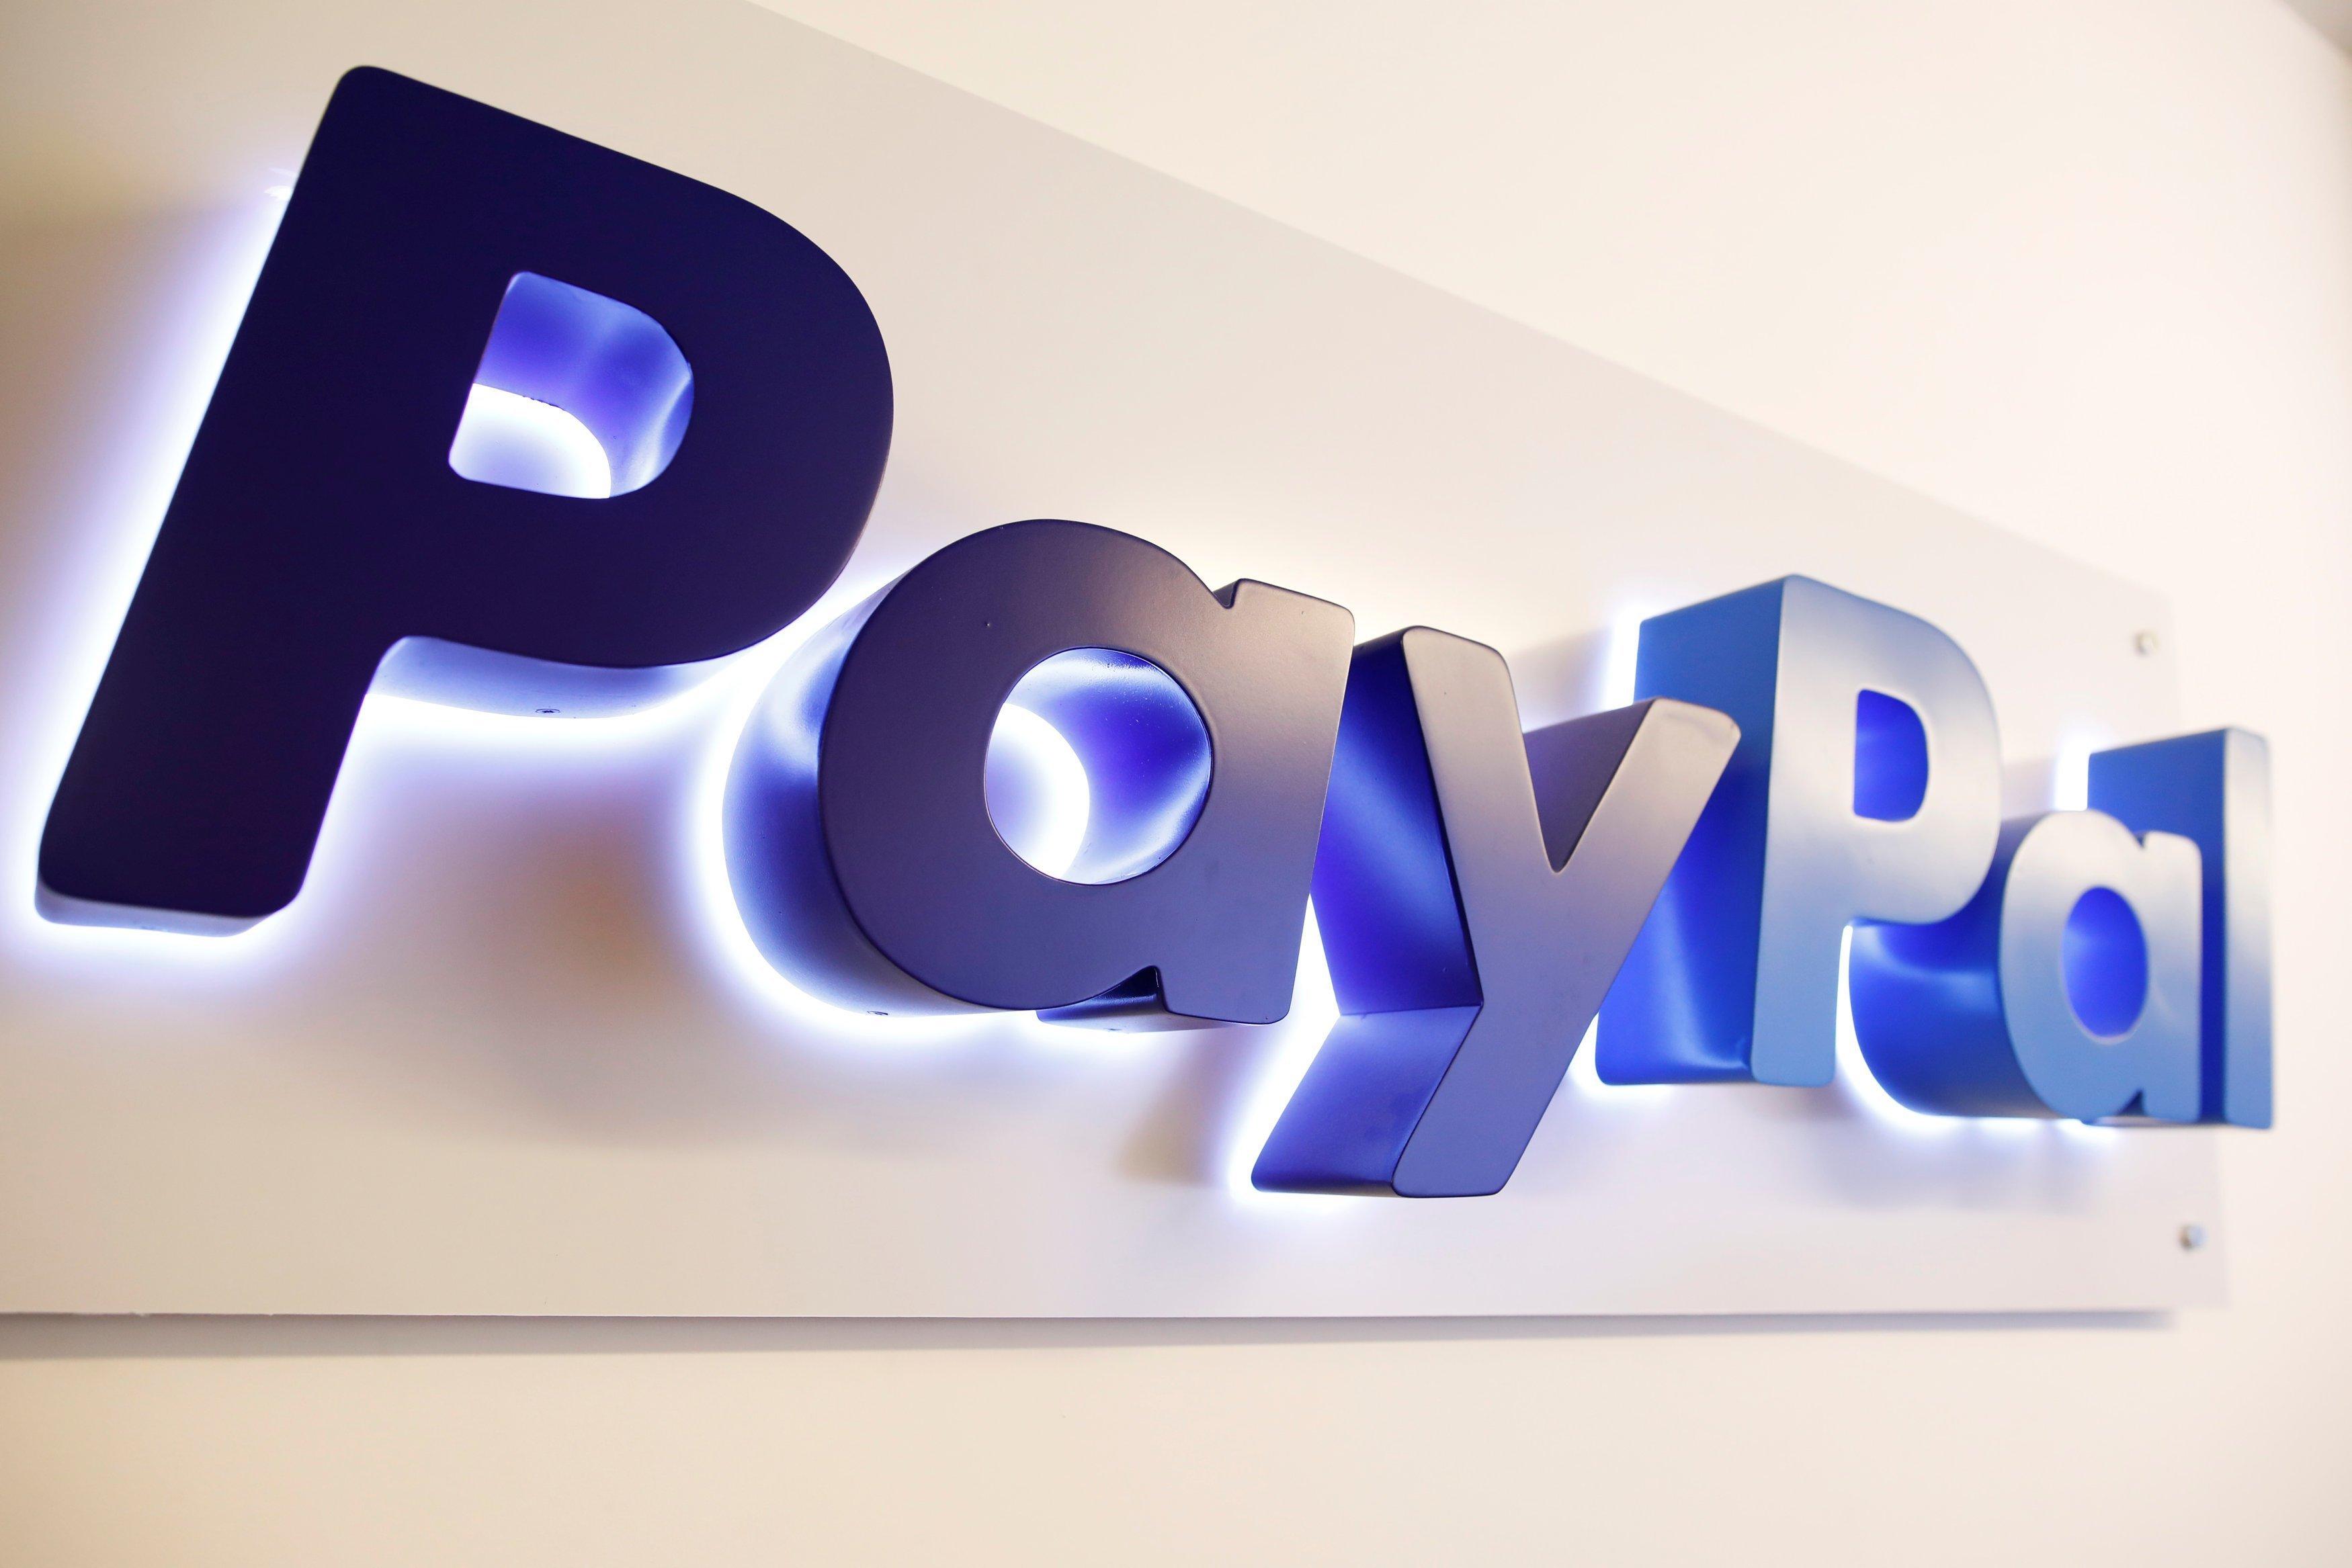 Bitcoin batte nuovamente Paypal - Bitcoin batte nuovamente Paypal